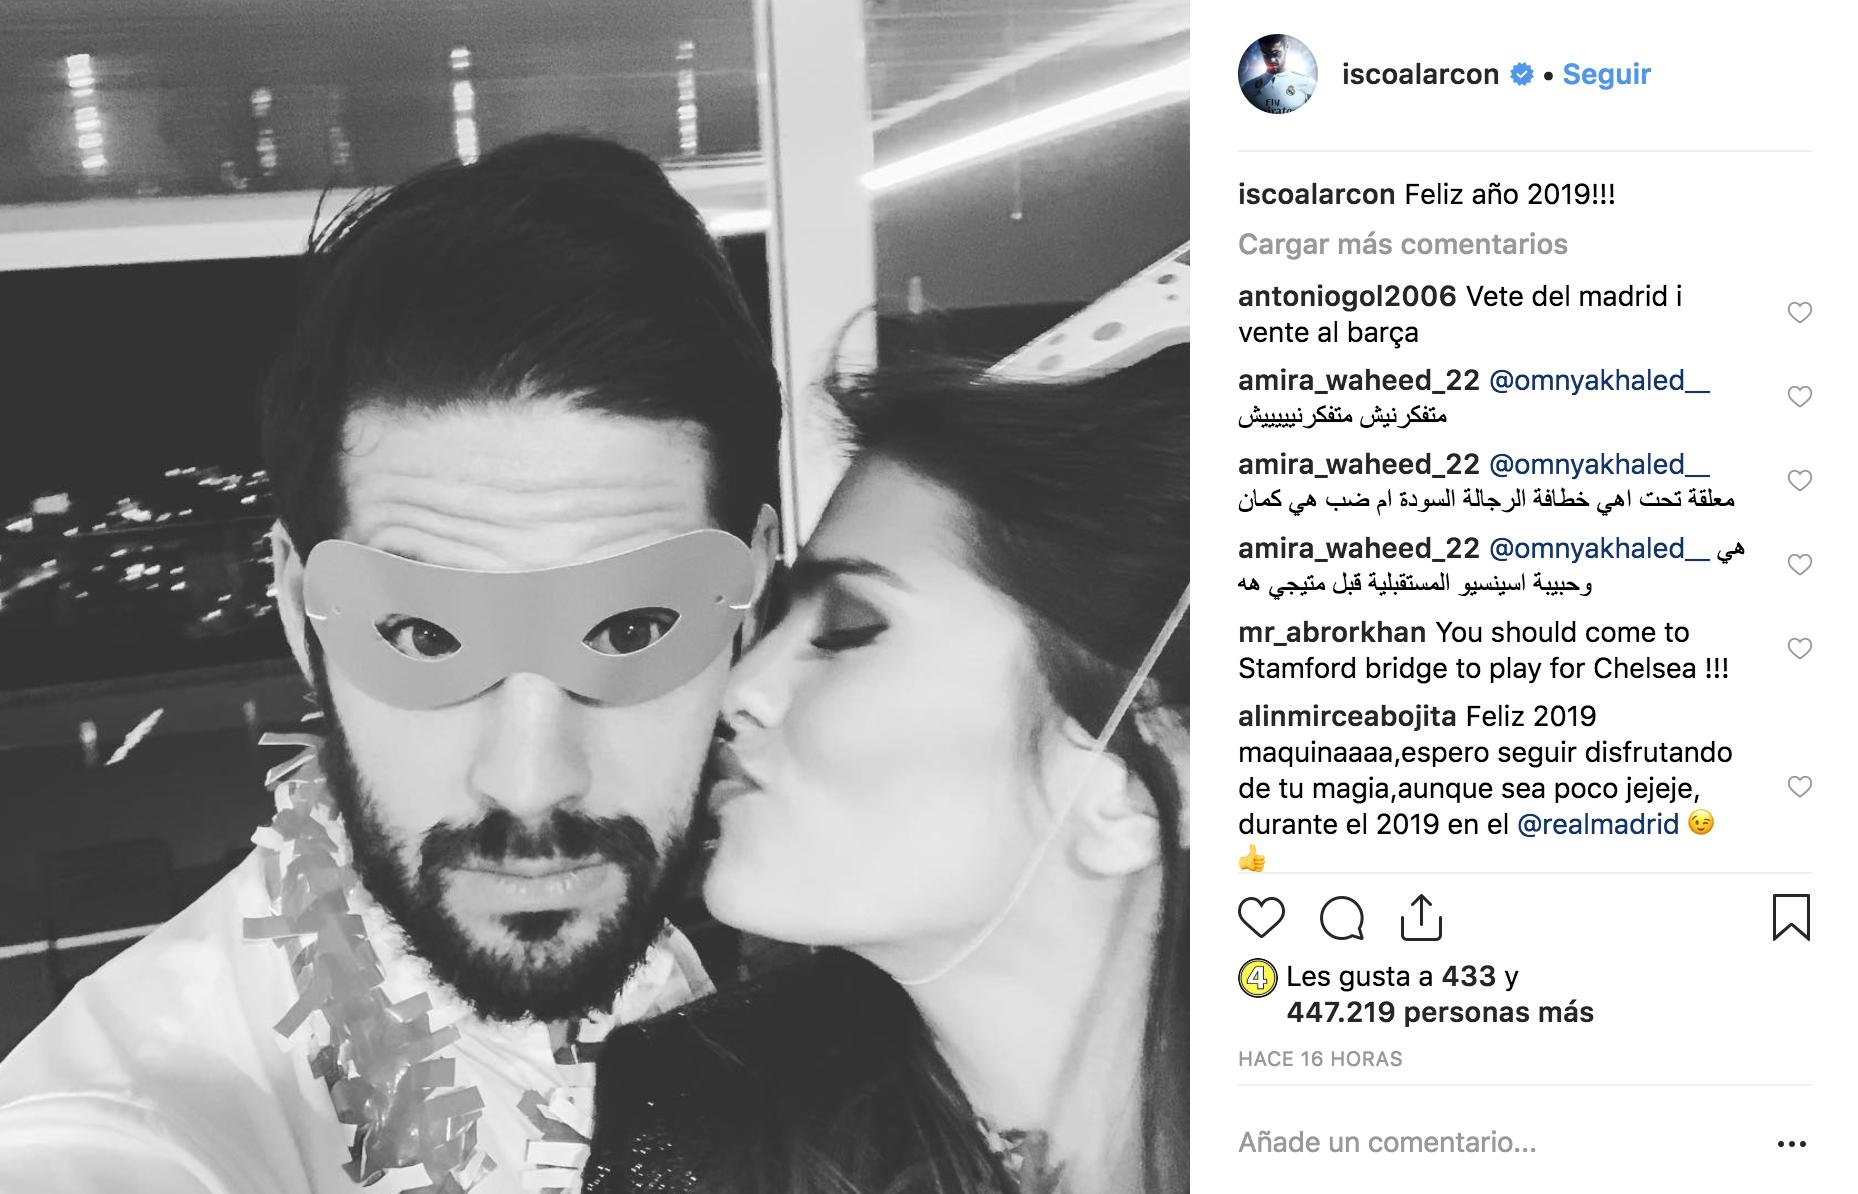 Nombre Actor Porno Con Tatuaje Chelsea En Brazo https://www.tudn/futbol/copa-sudamericana/atletico